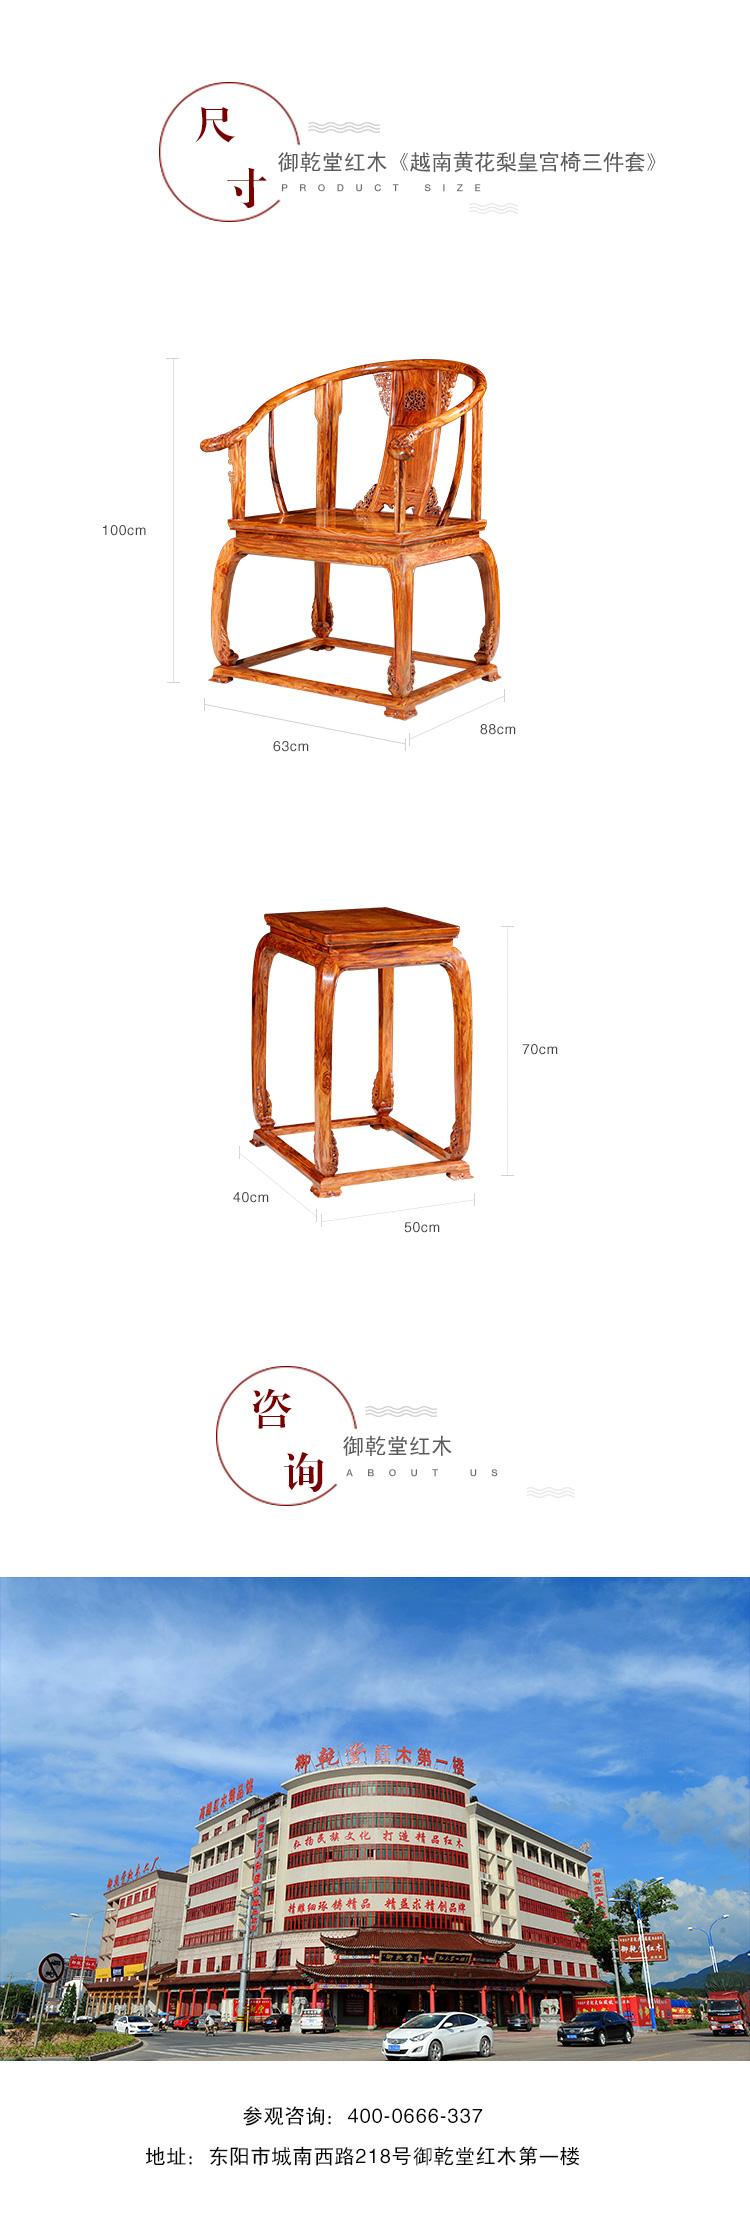 御乾堂越南黄花梨皇宫椅三件套-3.jpg